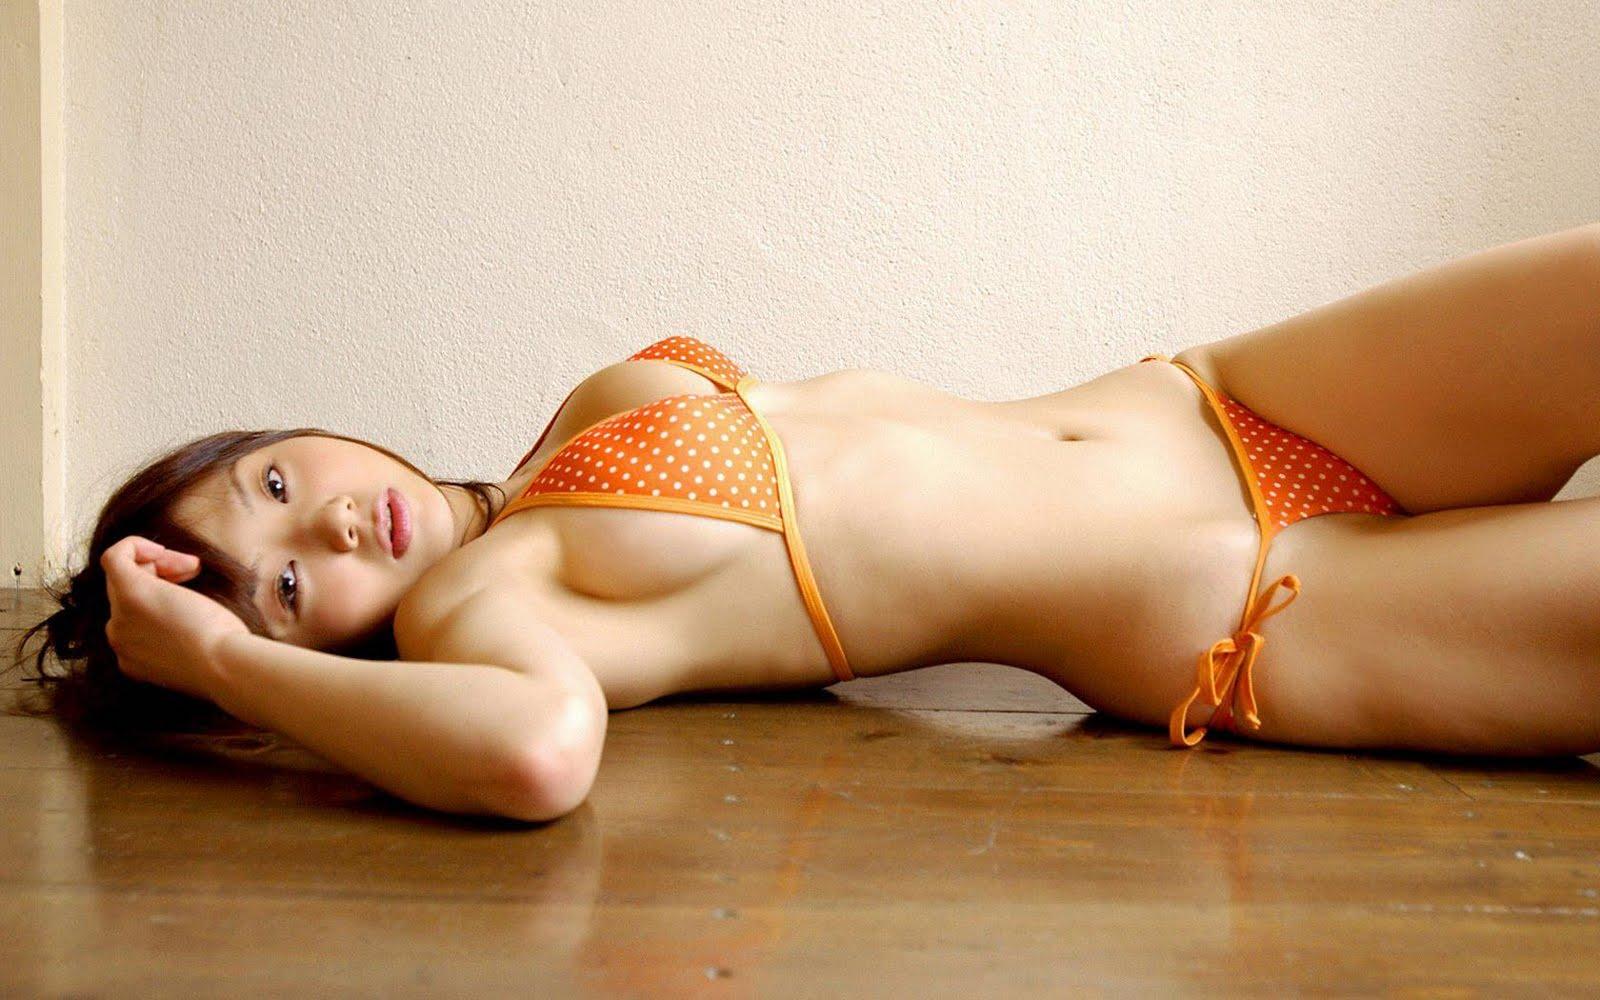 Худые и голые девочки порно, Нравятся худые. - запись пользователя Олька 1 фотография